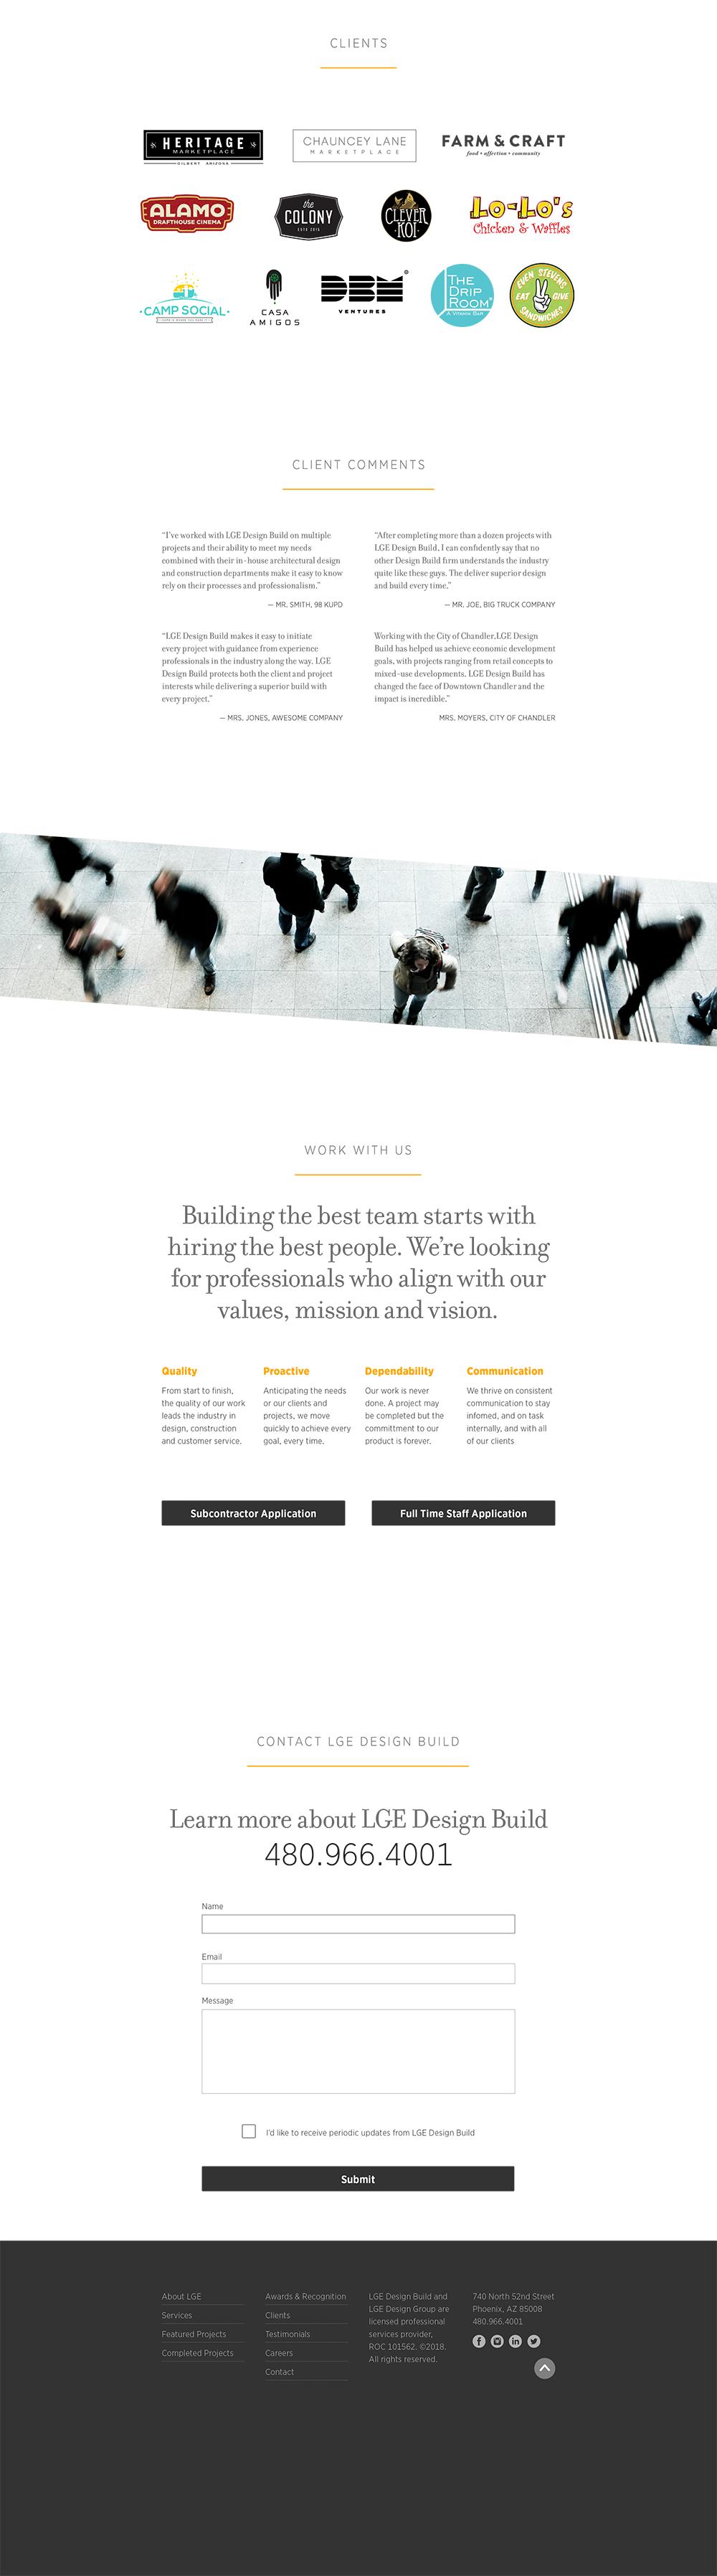 lge-website-4.png